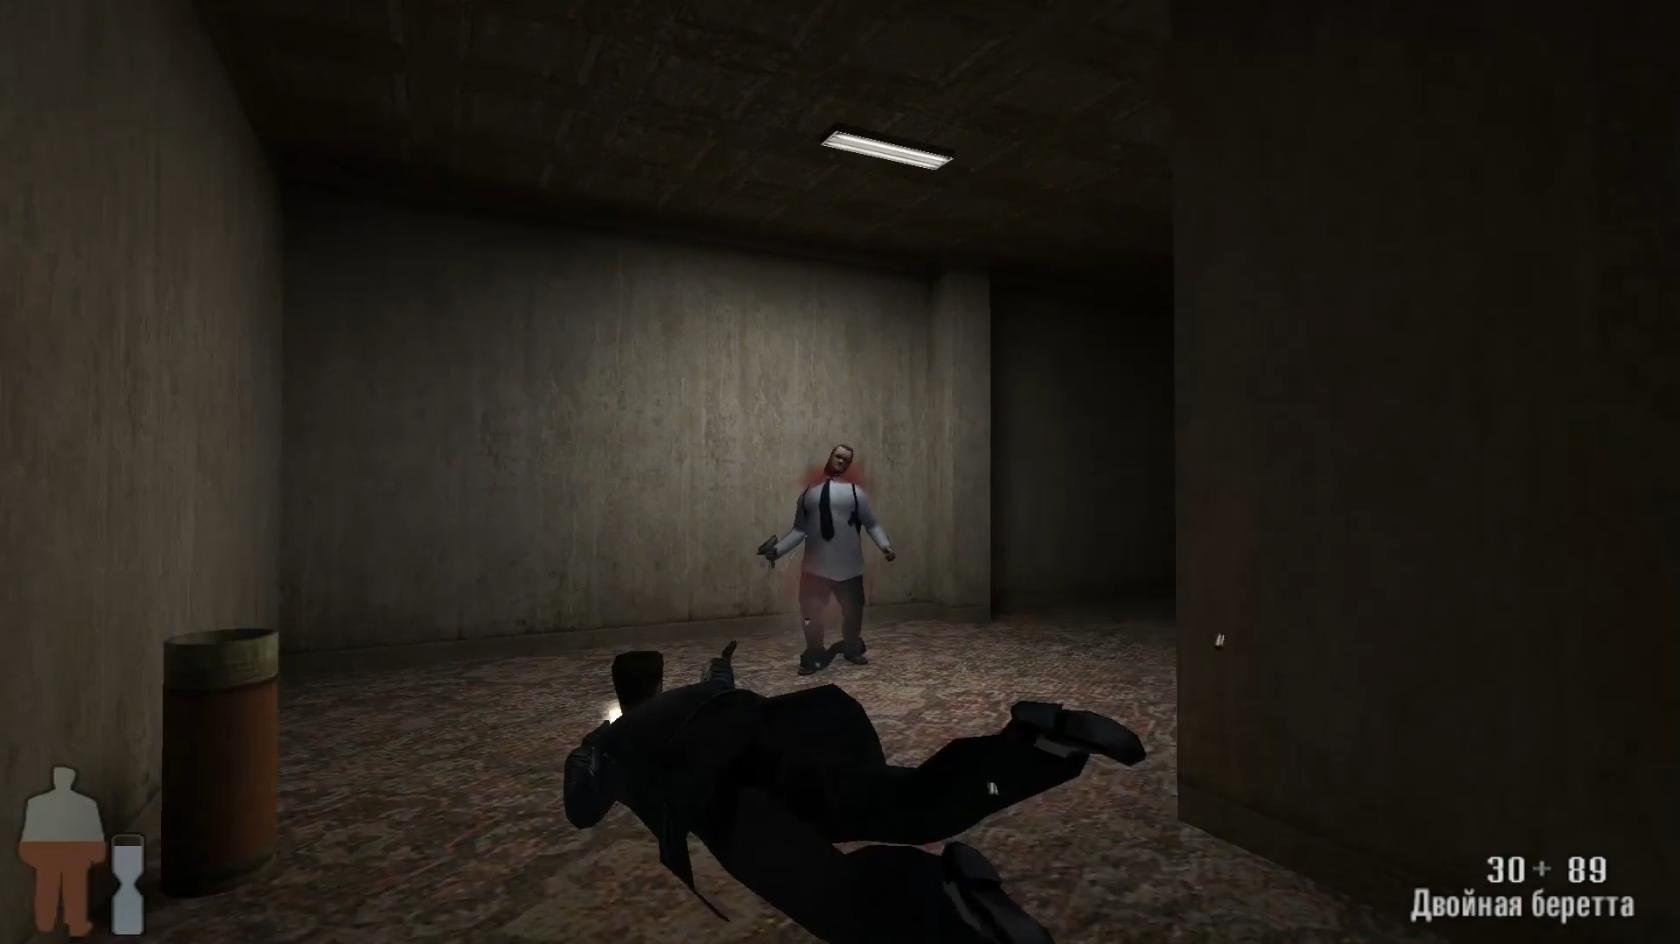 Философия мести   Ностальгический обзор игры Max Payne. - Изображение 6